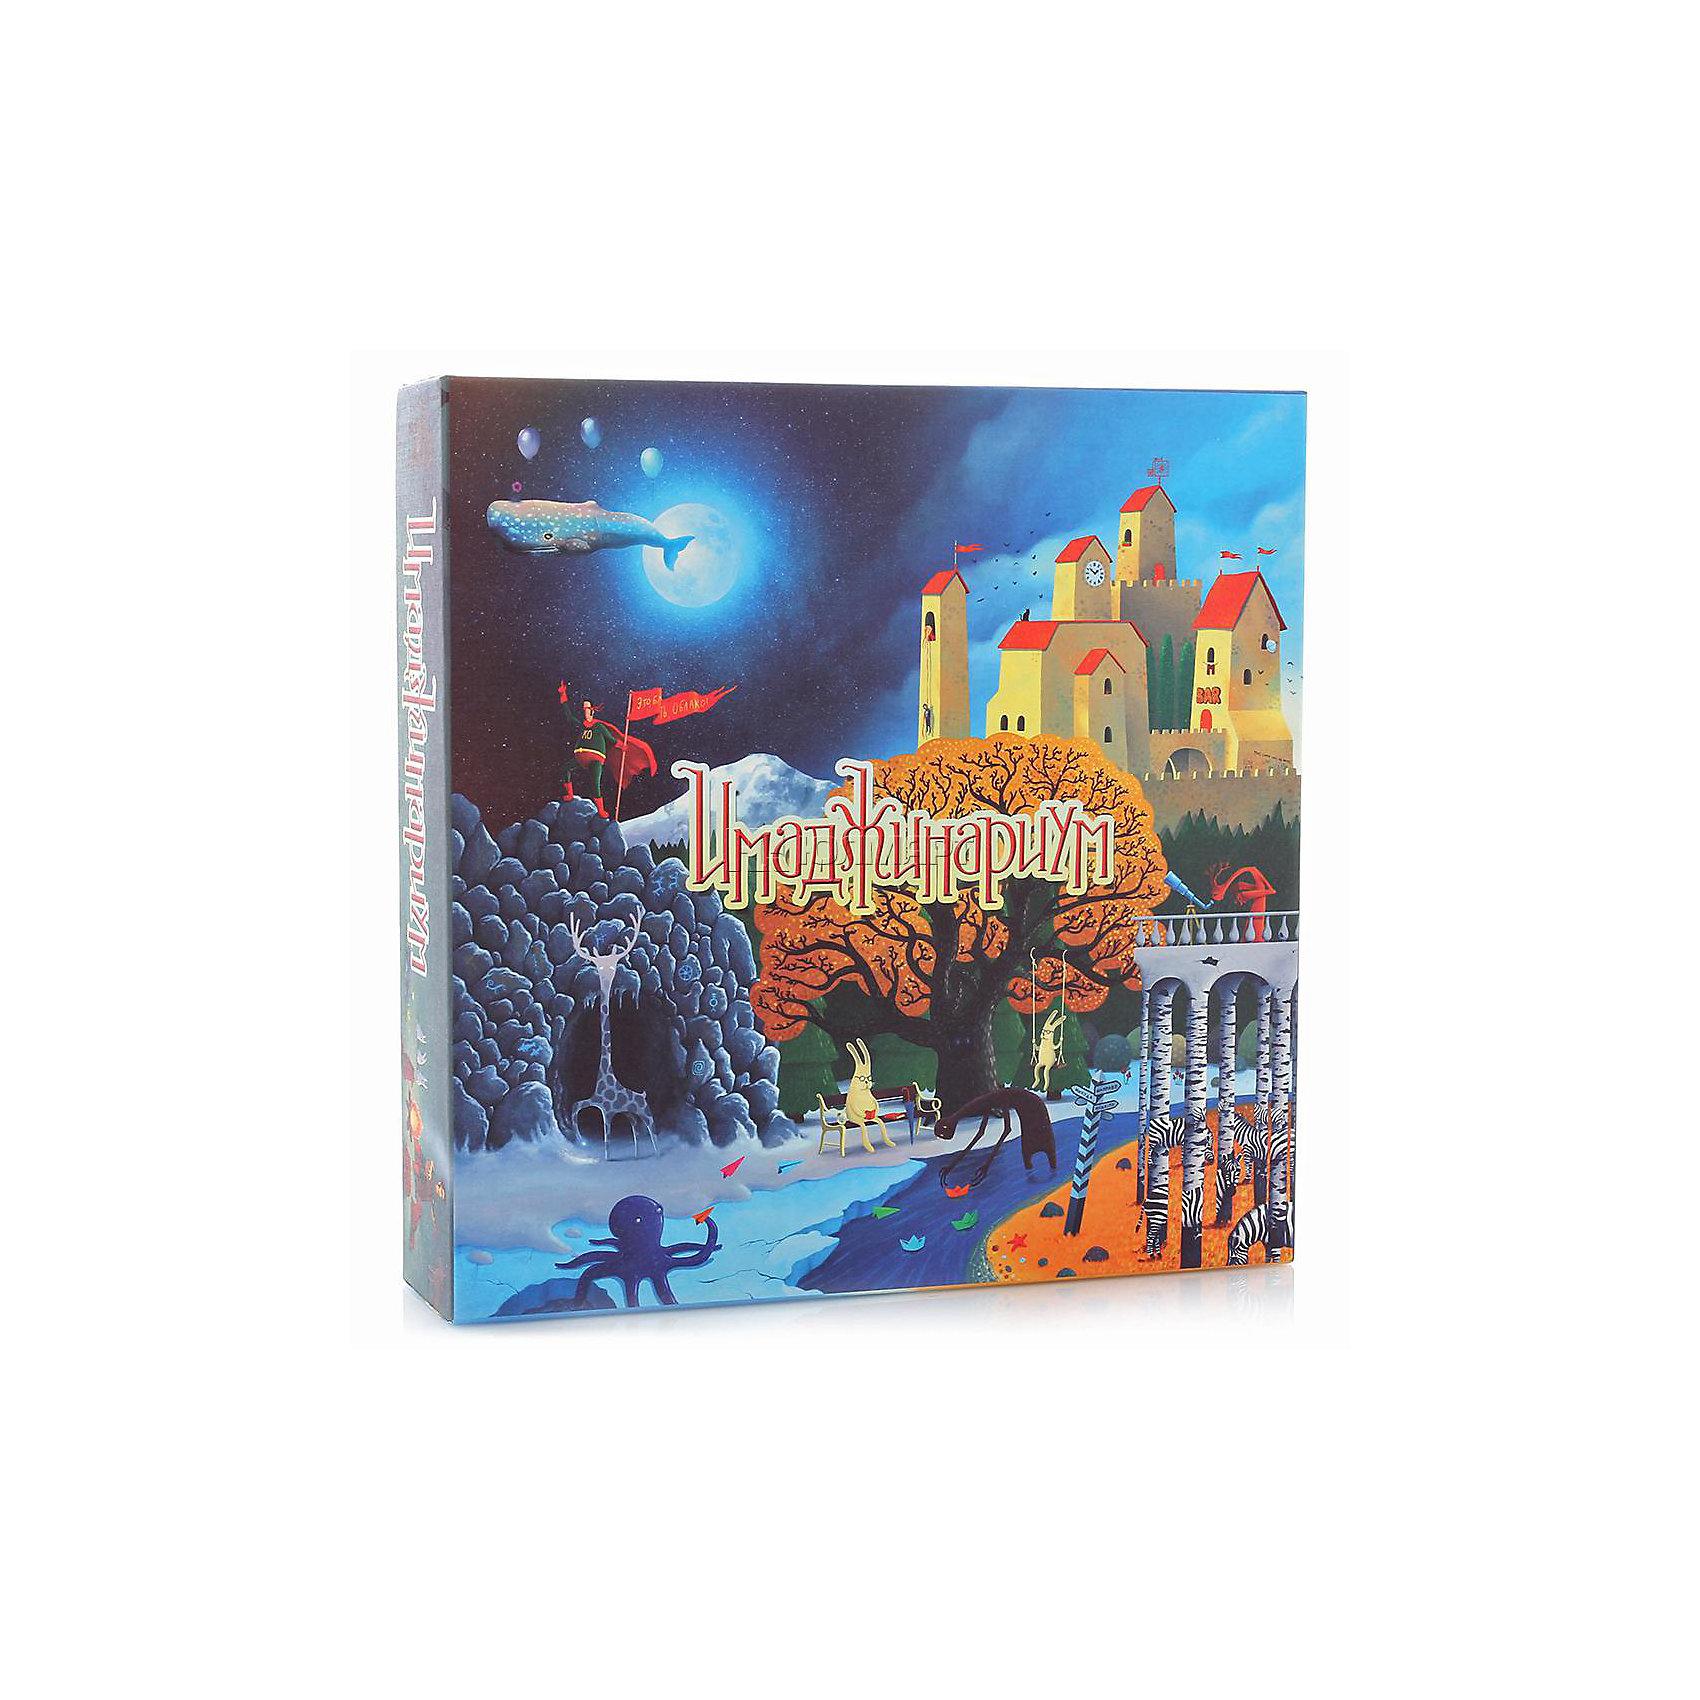 Настольная игра Имаджинариум, Stupid casualДля больших компаний<br>«Имаджинариум» — это очень простая и очень интересная игра, в которой нужно придумывать ассоциации к необычным картинкам из коробки. Картинки рисовали сумасшедшие художники, поэтому ассоциаций — от самых простых, вроде «любовь», «зима», «принципиальность», до самых сложных и безумных, в духе «Всё правильно сделал», «Где драма? Опять нет драмы!», «Чак-чак! Беги быстрее!», может быть просто море.<br>Основная задача игроков — угадать, какую именно из выложенных на столе карточек загадал ведущий, и проголосовать за нее. Каждый игрок выбирает одну карточку для голосования с нужным номером и кладет рубашкой вверх. Ведущий не голосует и не комментирует выложенные на столе картинки. Голосовать за свою собственную картинку нельзя. Когда все приняли решение и проголосовали, карточки для голосования переворачиваются и происходит подсчет очков.<br><br>В набор входит:<br> - Поле для подсчёта очков (сделанное прямо на «подиуме» на коробке).<br> - 98 крупных карт с картинками.<br> - 49 карточек для голосования для 7 игроков.<br> - 7 летающих слонов для передвижения по полю.<br> - Правила на русском языке.<br><br> Количество игроков: от 4 до 7 человек.<br><br>Ширина мм: 300<br>Глубина мм: 300<br>Высота мм: 70<br>Вес г: 900<br>Возраст от месяцев: 144<br>Возраст до месяцев: 1188<br>Пол: Унисекс<br>Возраст: Детский<br>SKU: 3202192